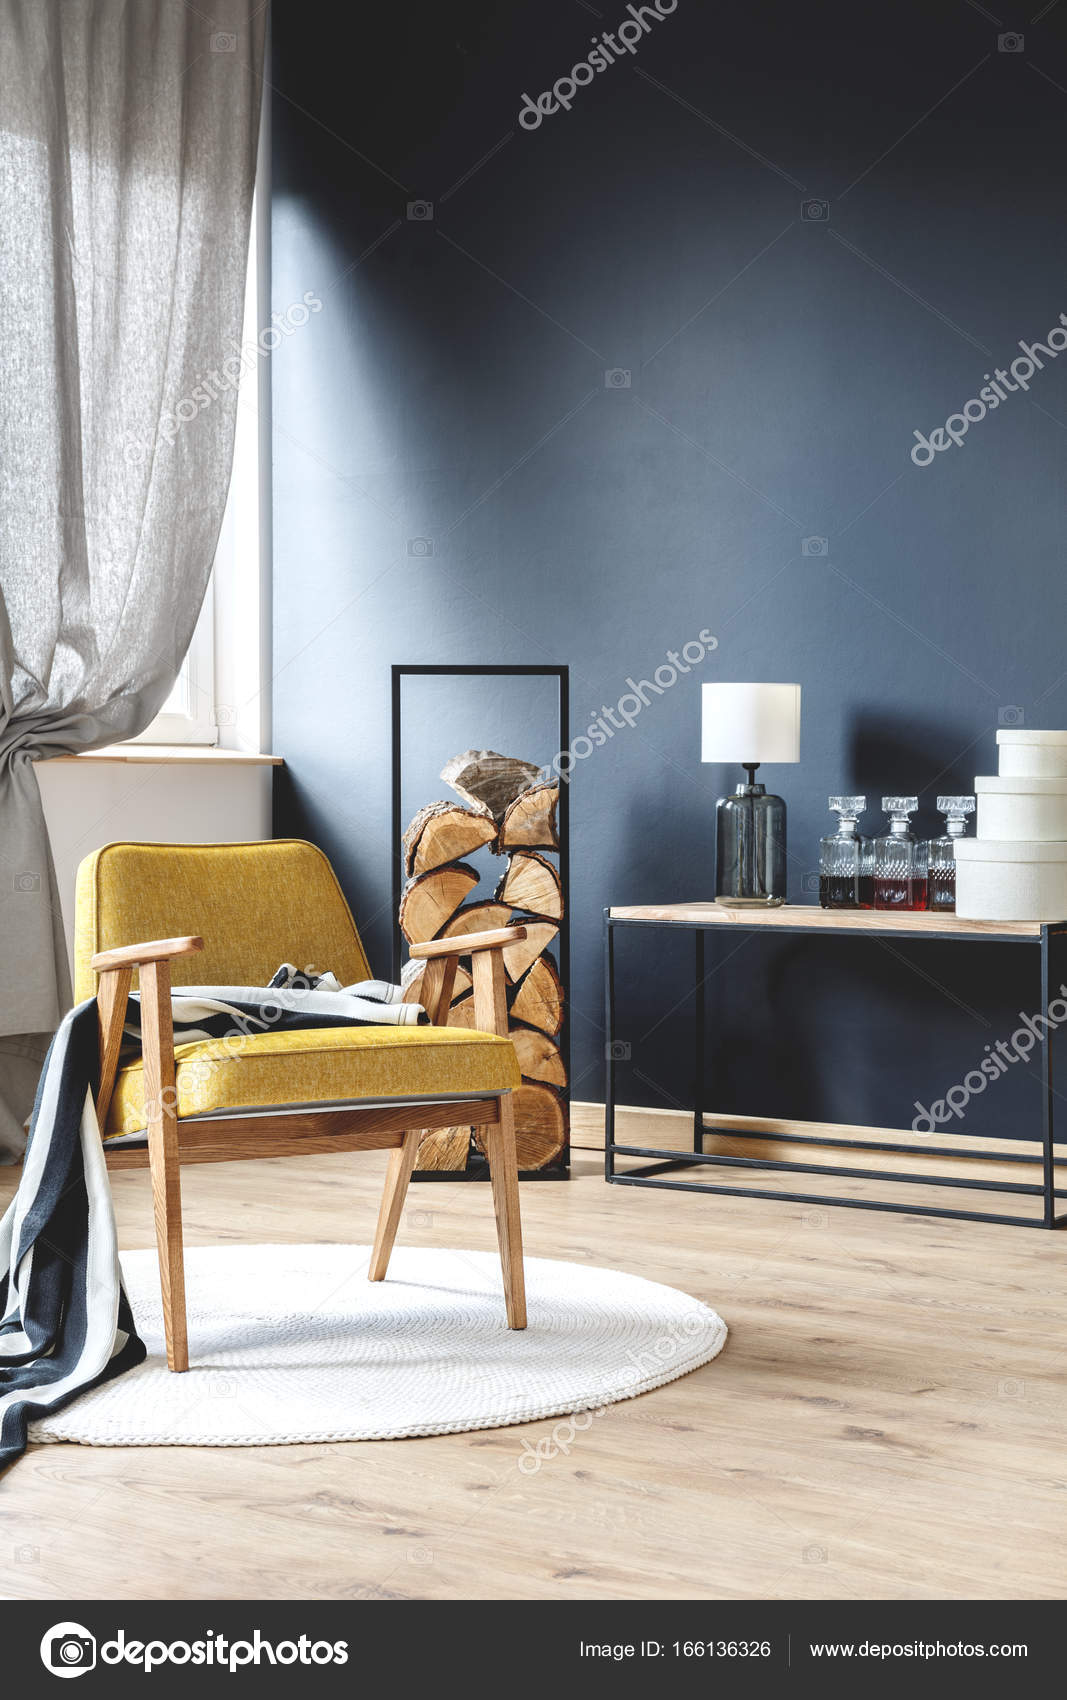 Hölzerne Gelbe Sessel Mit Decke Stehen Auf Weißen Teppich In Stilvollen  Wohnzimmer Mit Holz, Schwarze Wand Und Graue Gardinen U2014 Foto Von  Photographee.eu